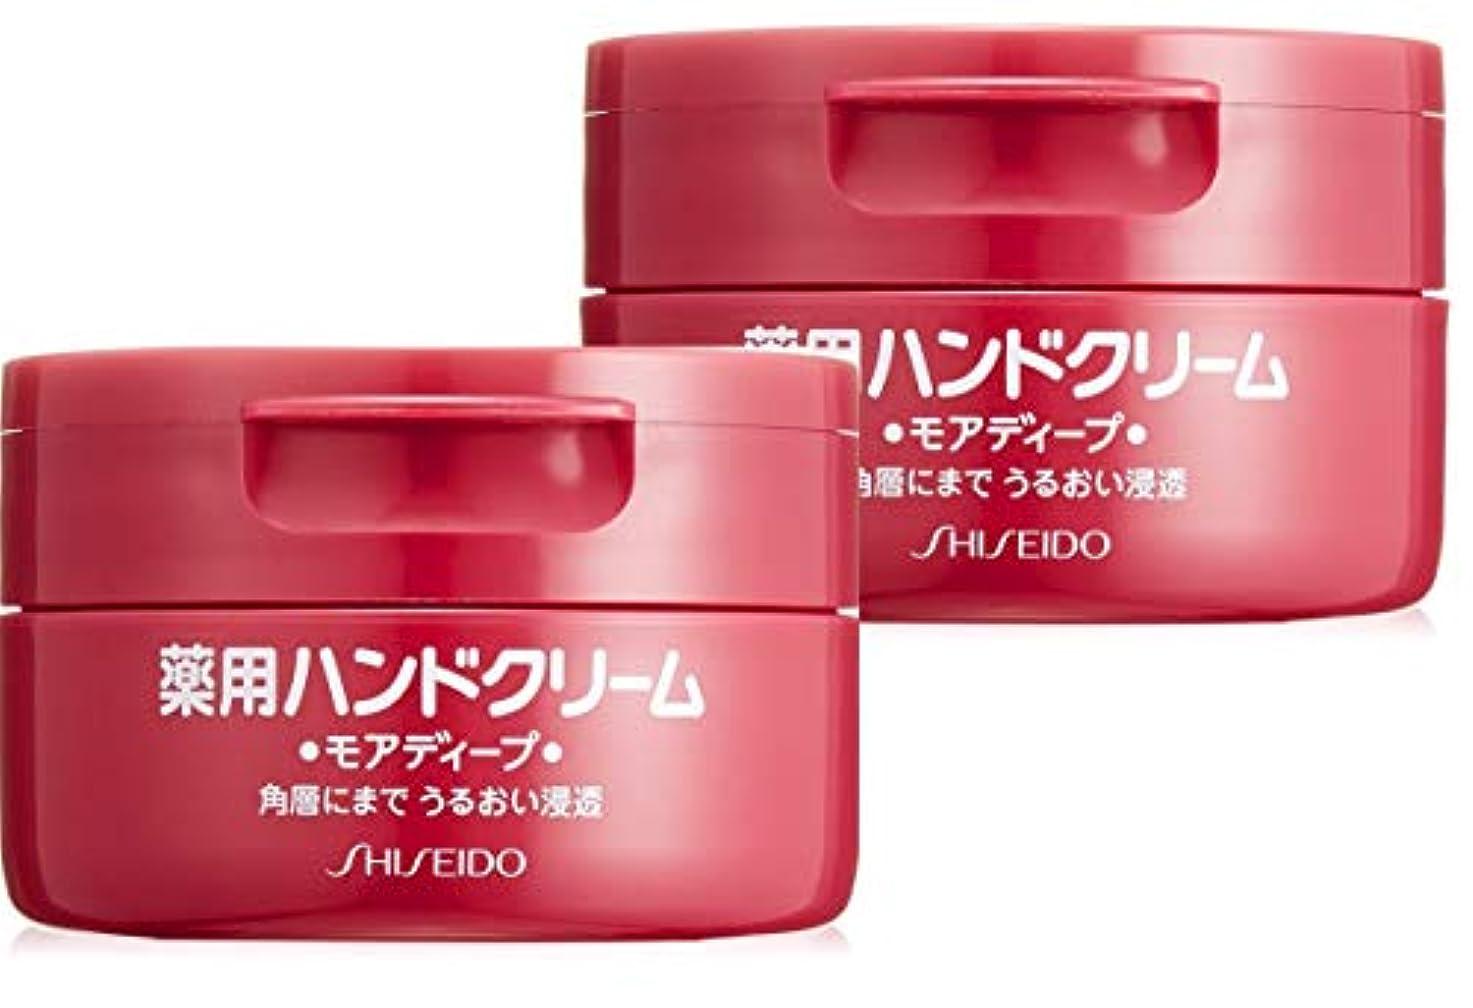 お風呂速いクローン資生堂 【まとめ買い】薬用ハンドクリーム モアディープ 単品 2個